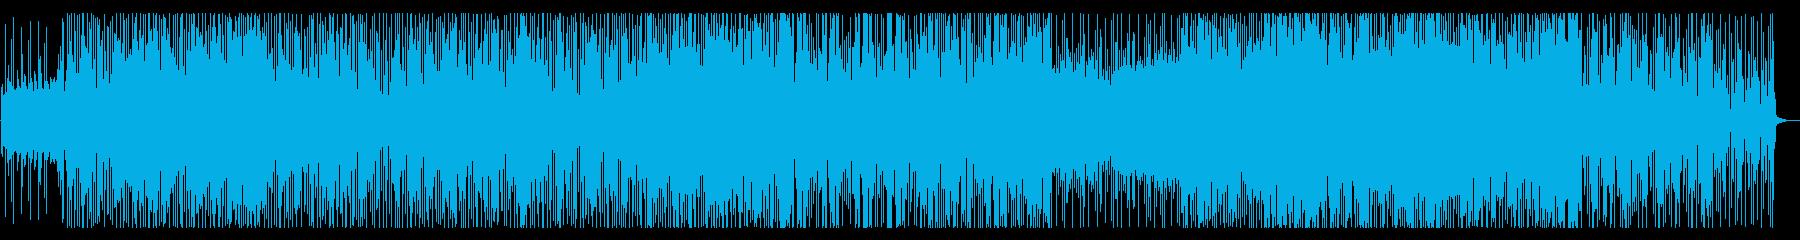 アクティブな気持ちに合うサウンドの再生済みの波形